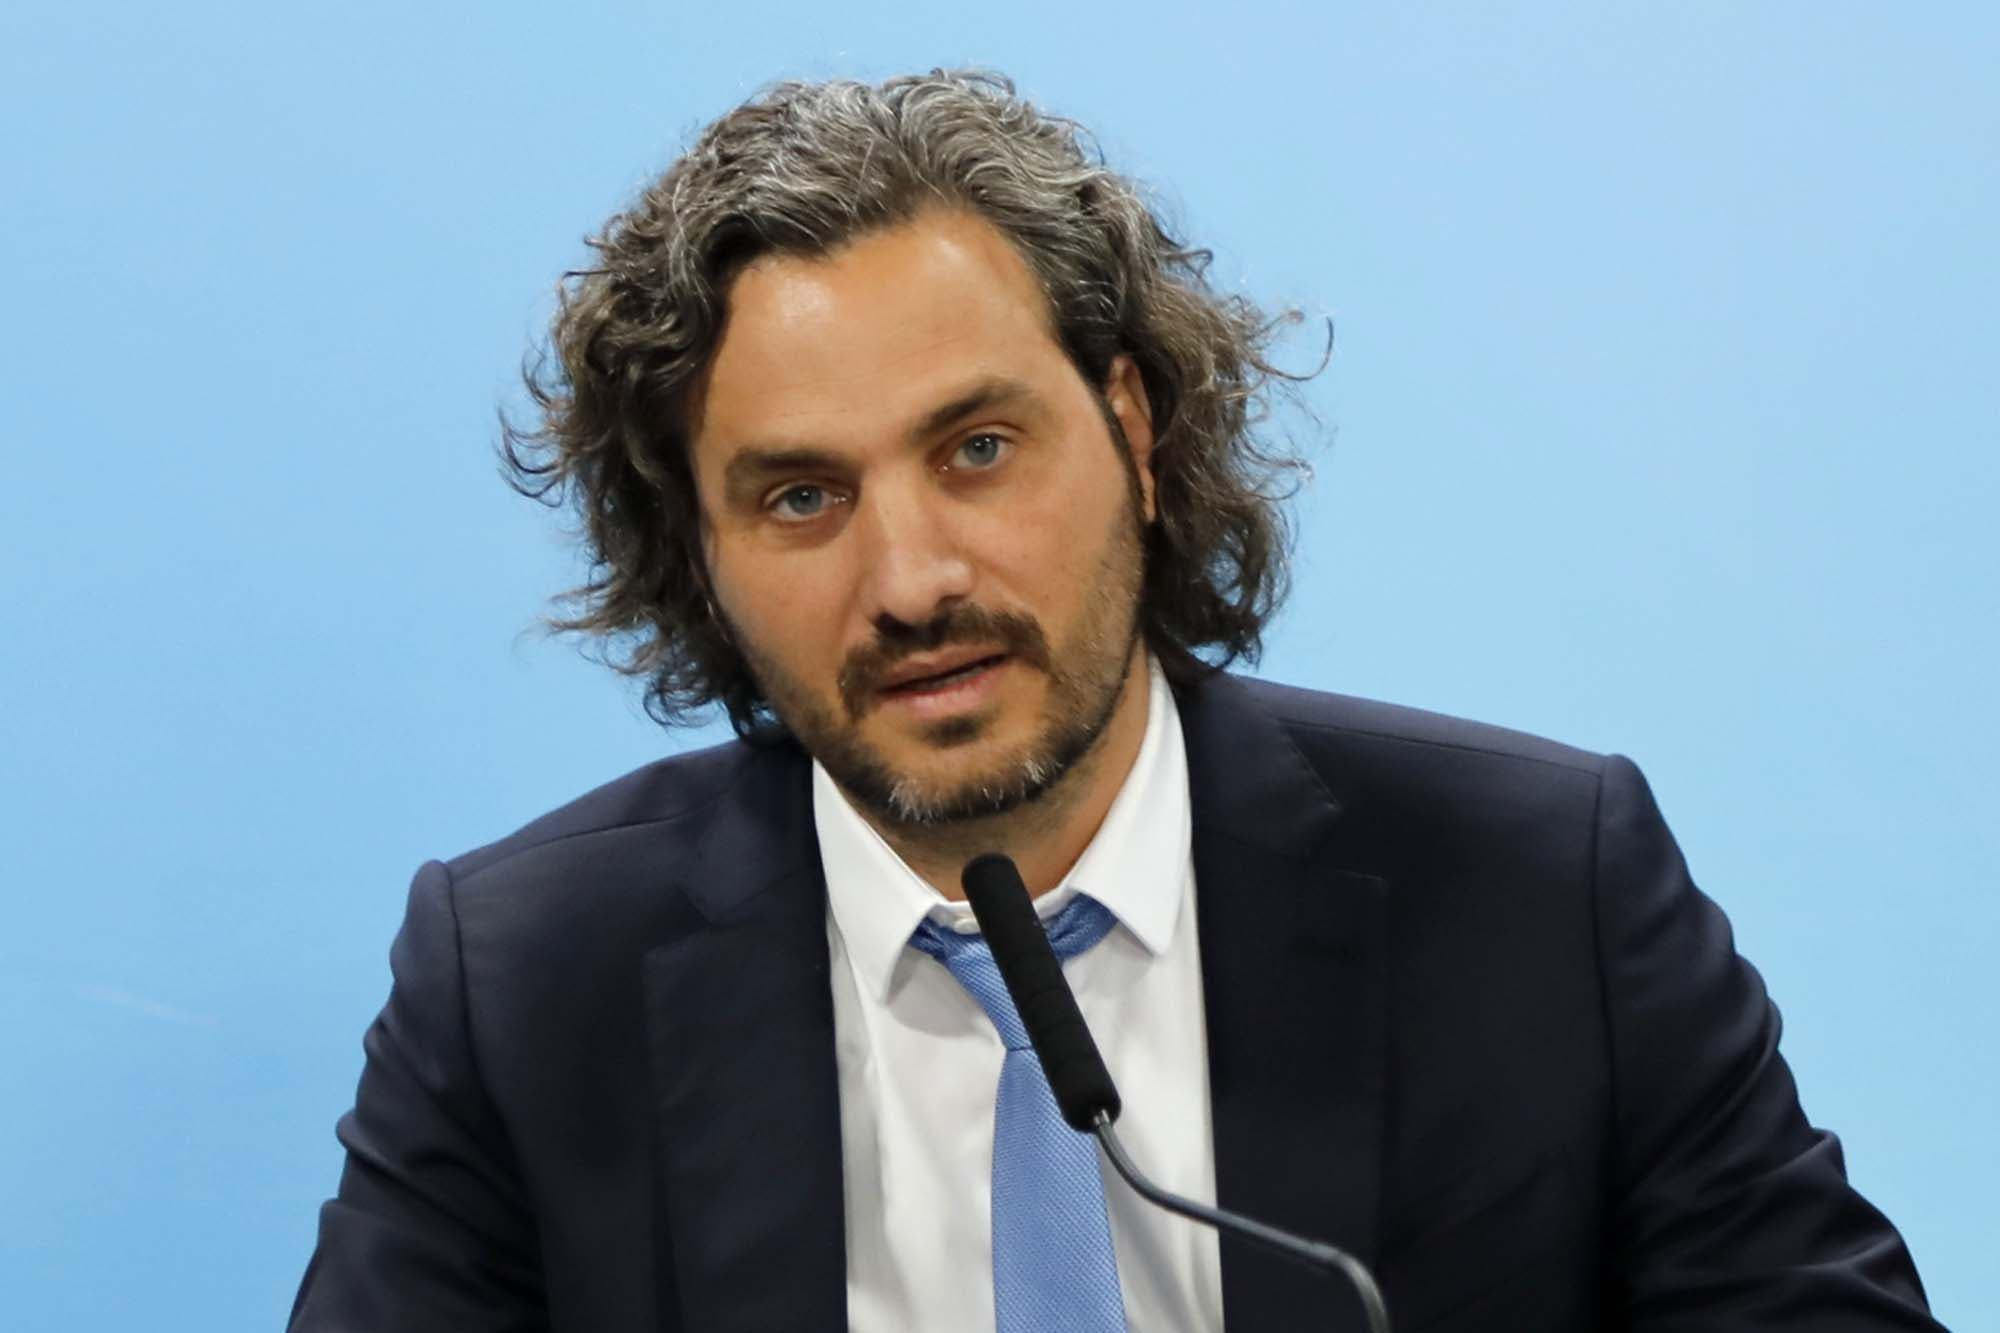 Encuentro en el CCK. Santiago Cafiero reúne al gabinete para definir la agenda postcuarentena